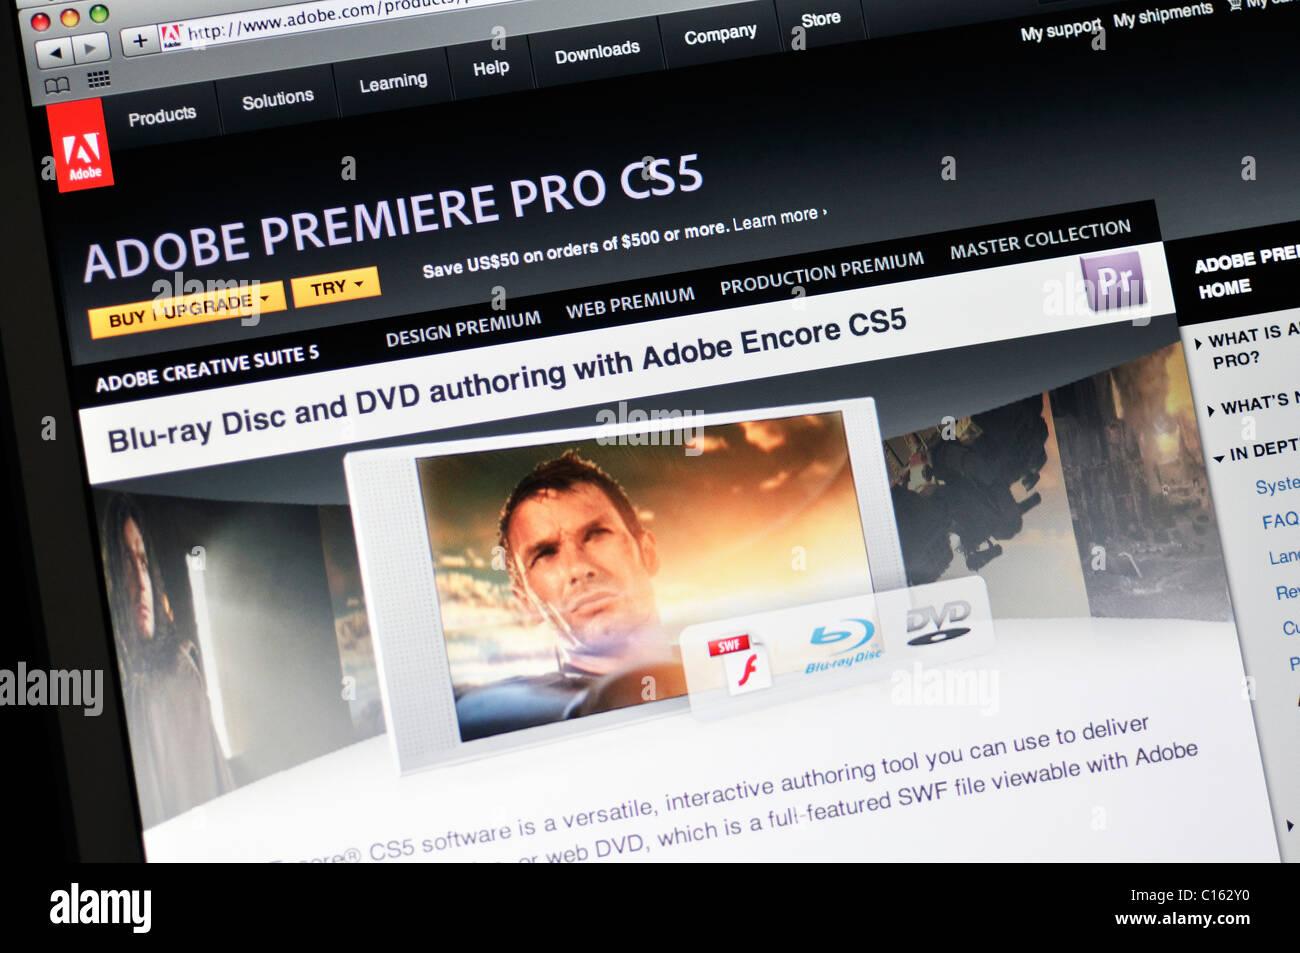 Adobe Premiere Pro CS5 sito web Immagini Stock